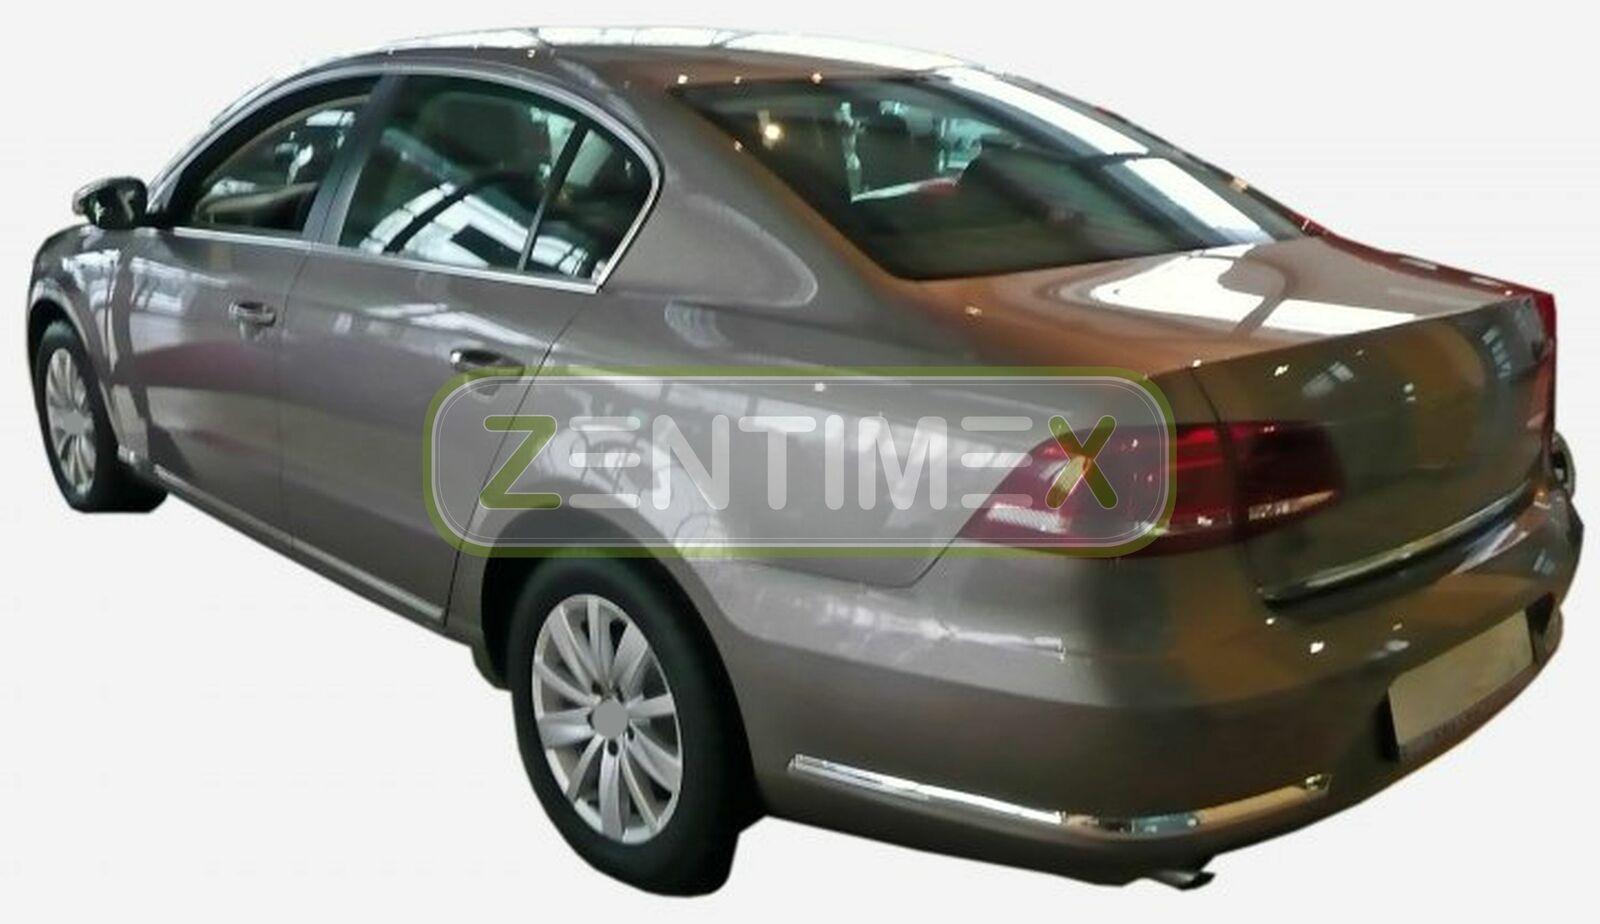 Kofferraumwanne für VW Volkswagen Passat Trendline B7 3C//36 Variant Kombi 5-türe